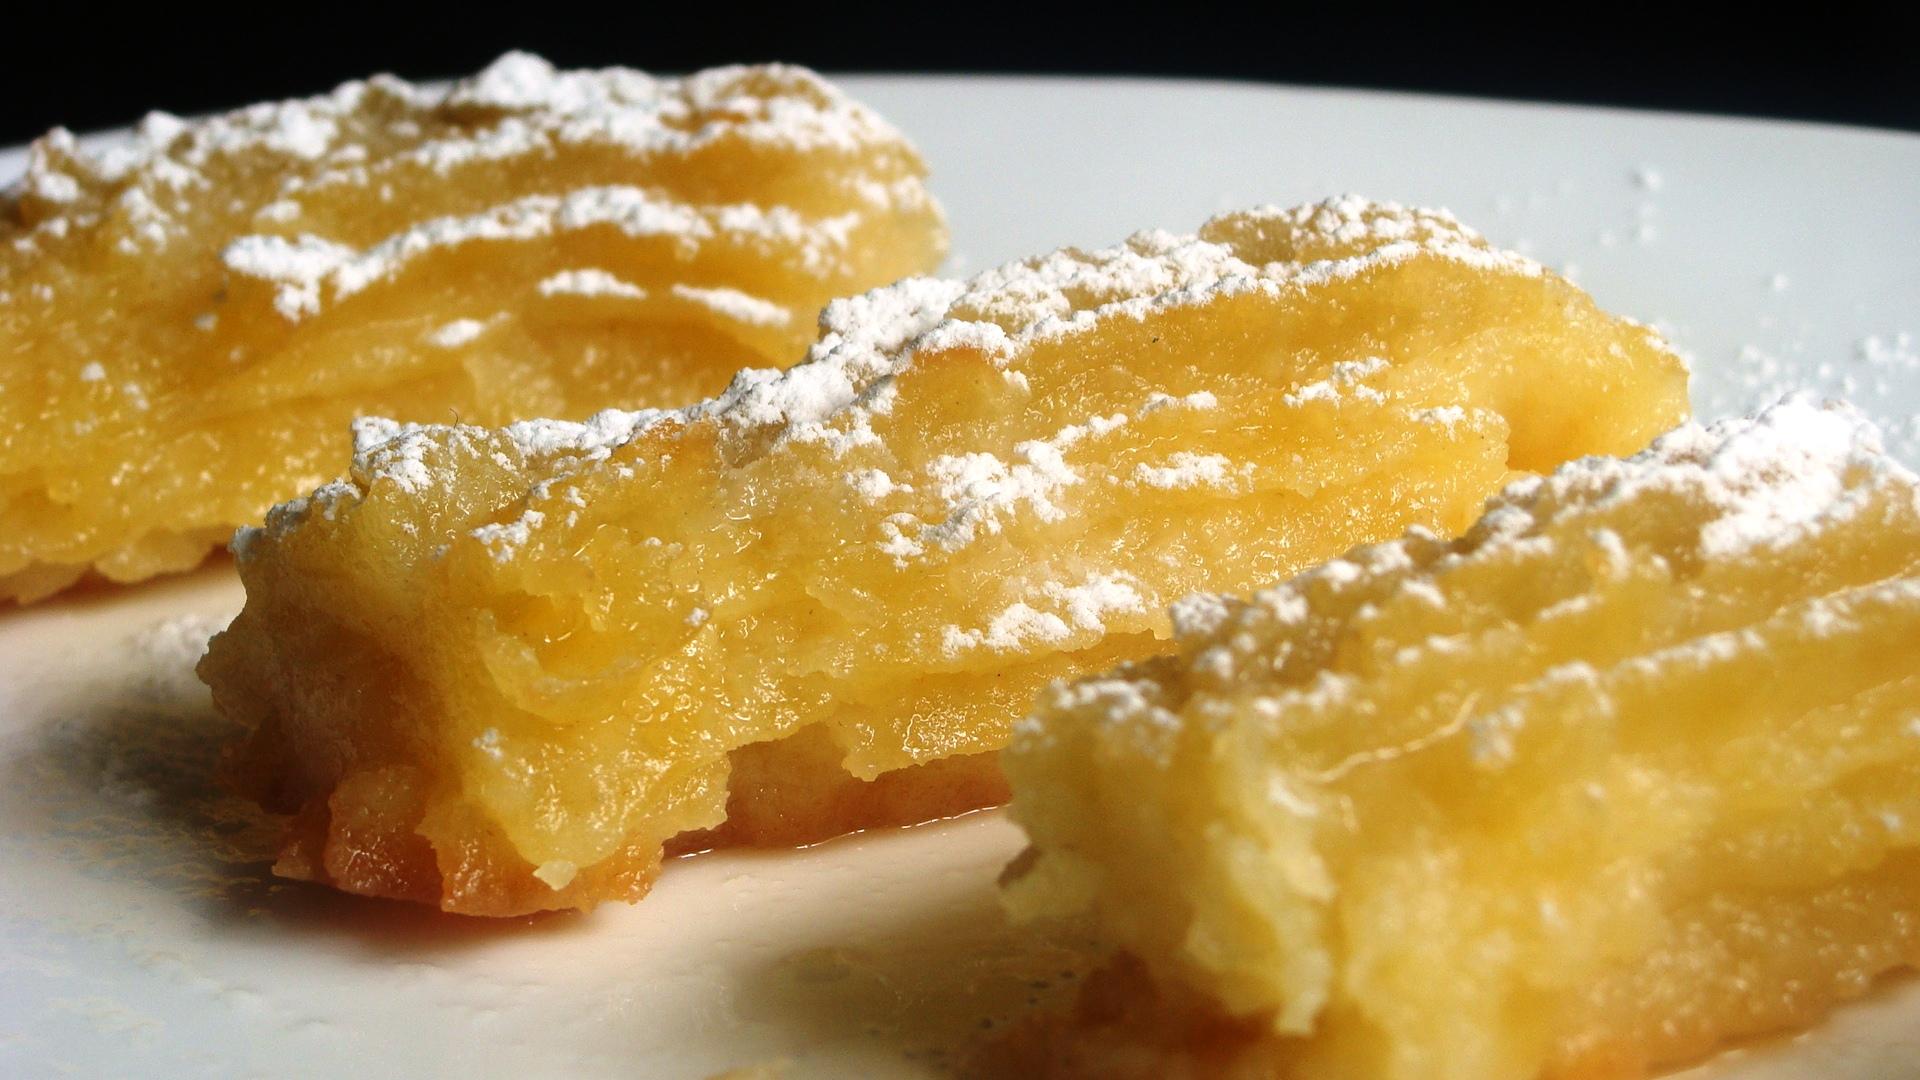 macedonian desserts - photo #8